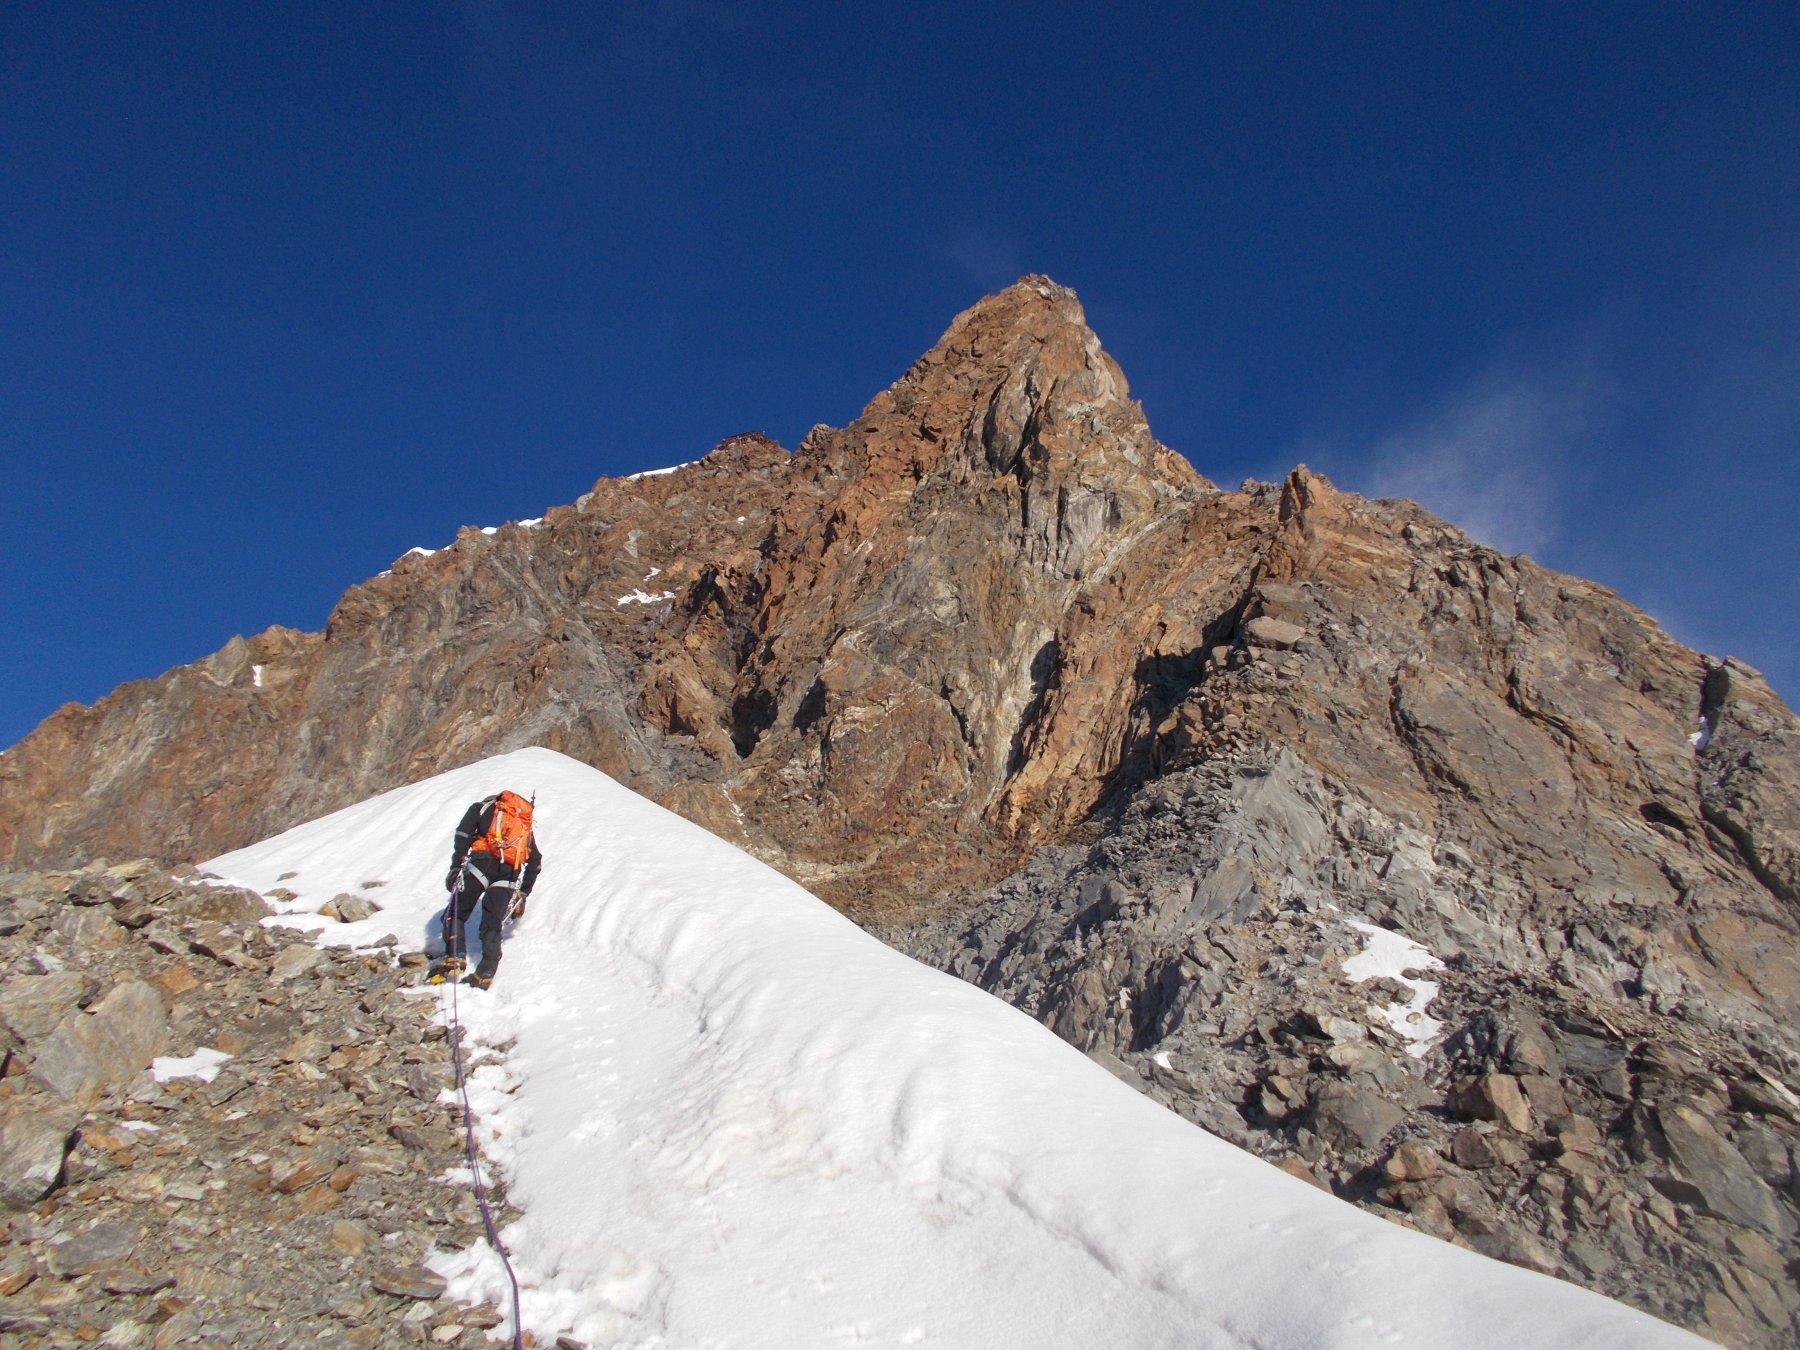 ogni tanto una crestina di neve interrompe la continuita' su roccia..